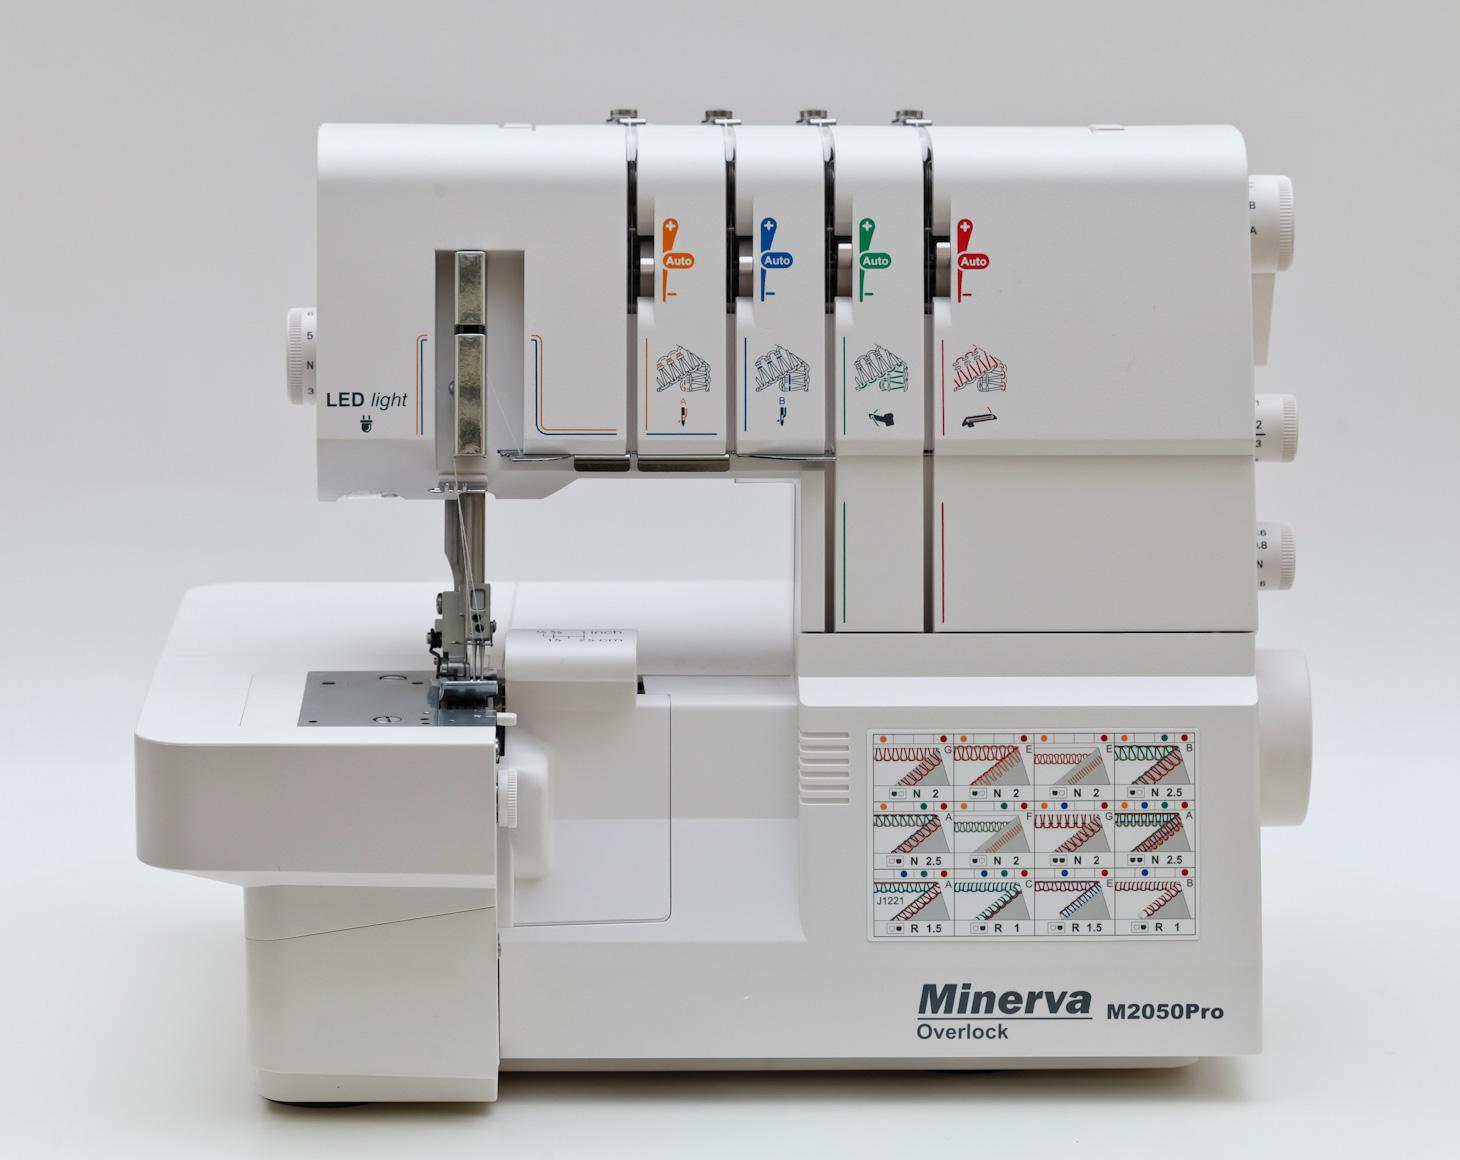 Minerva CS M2050Pro